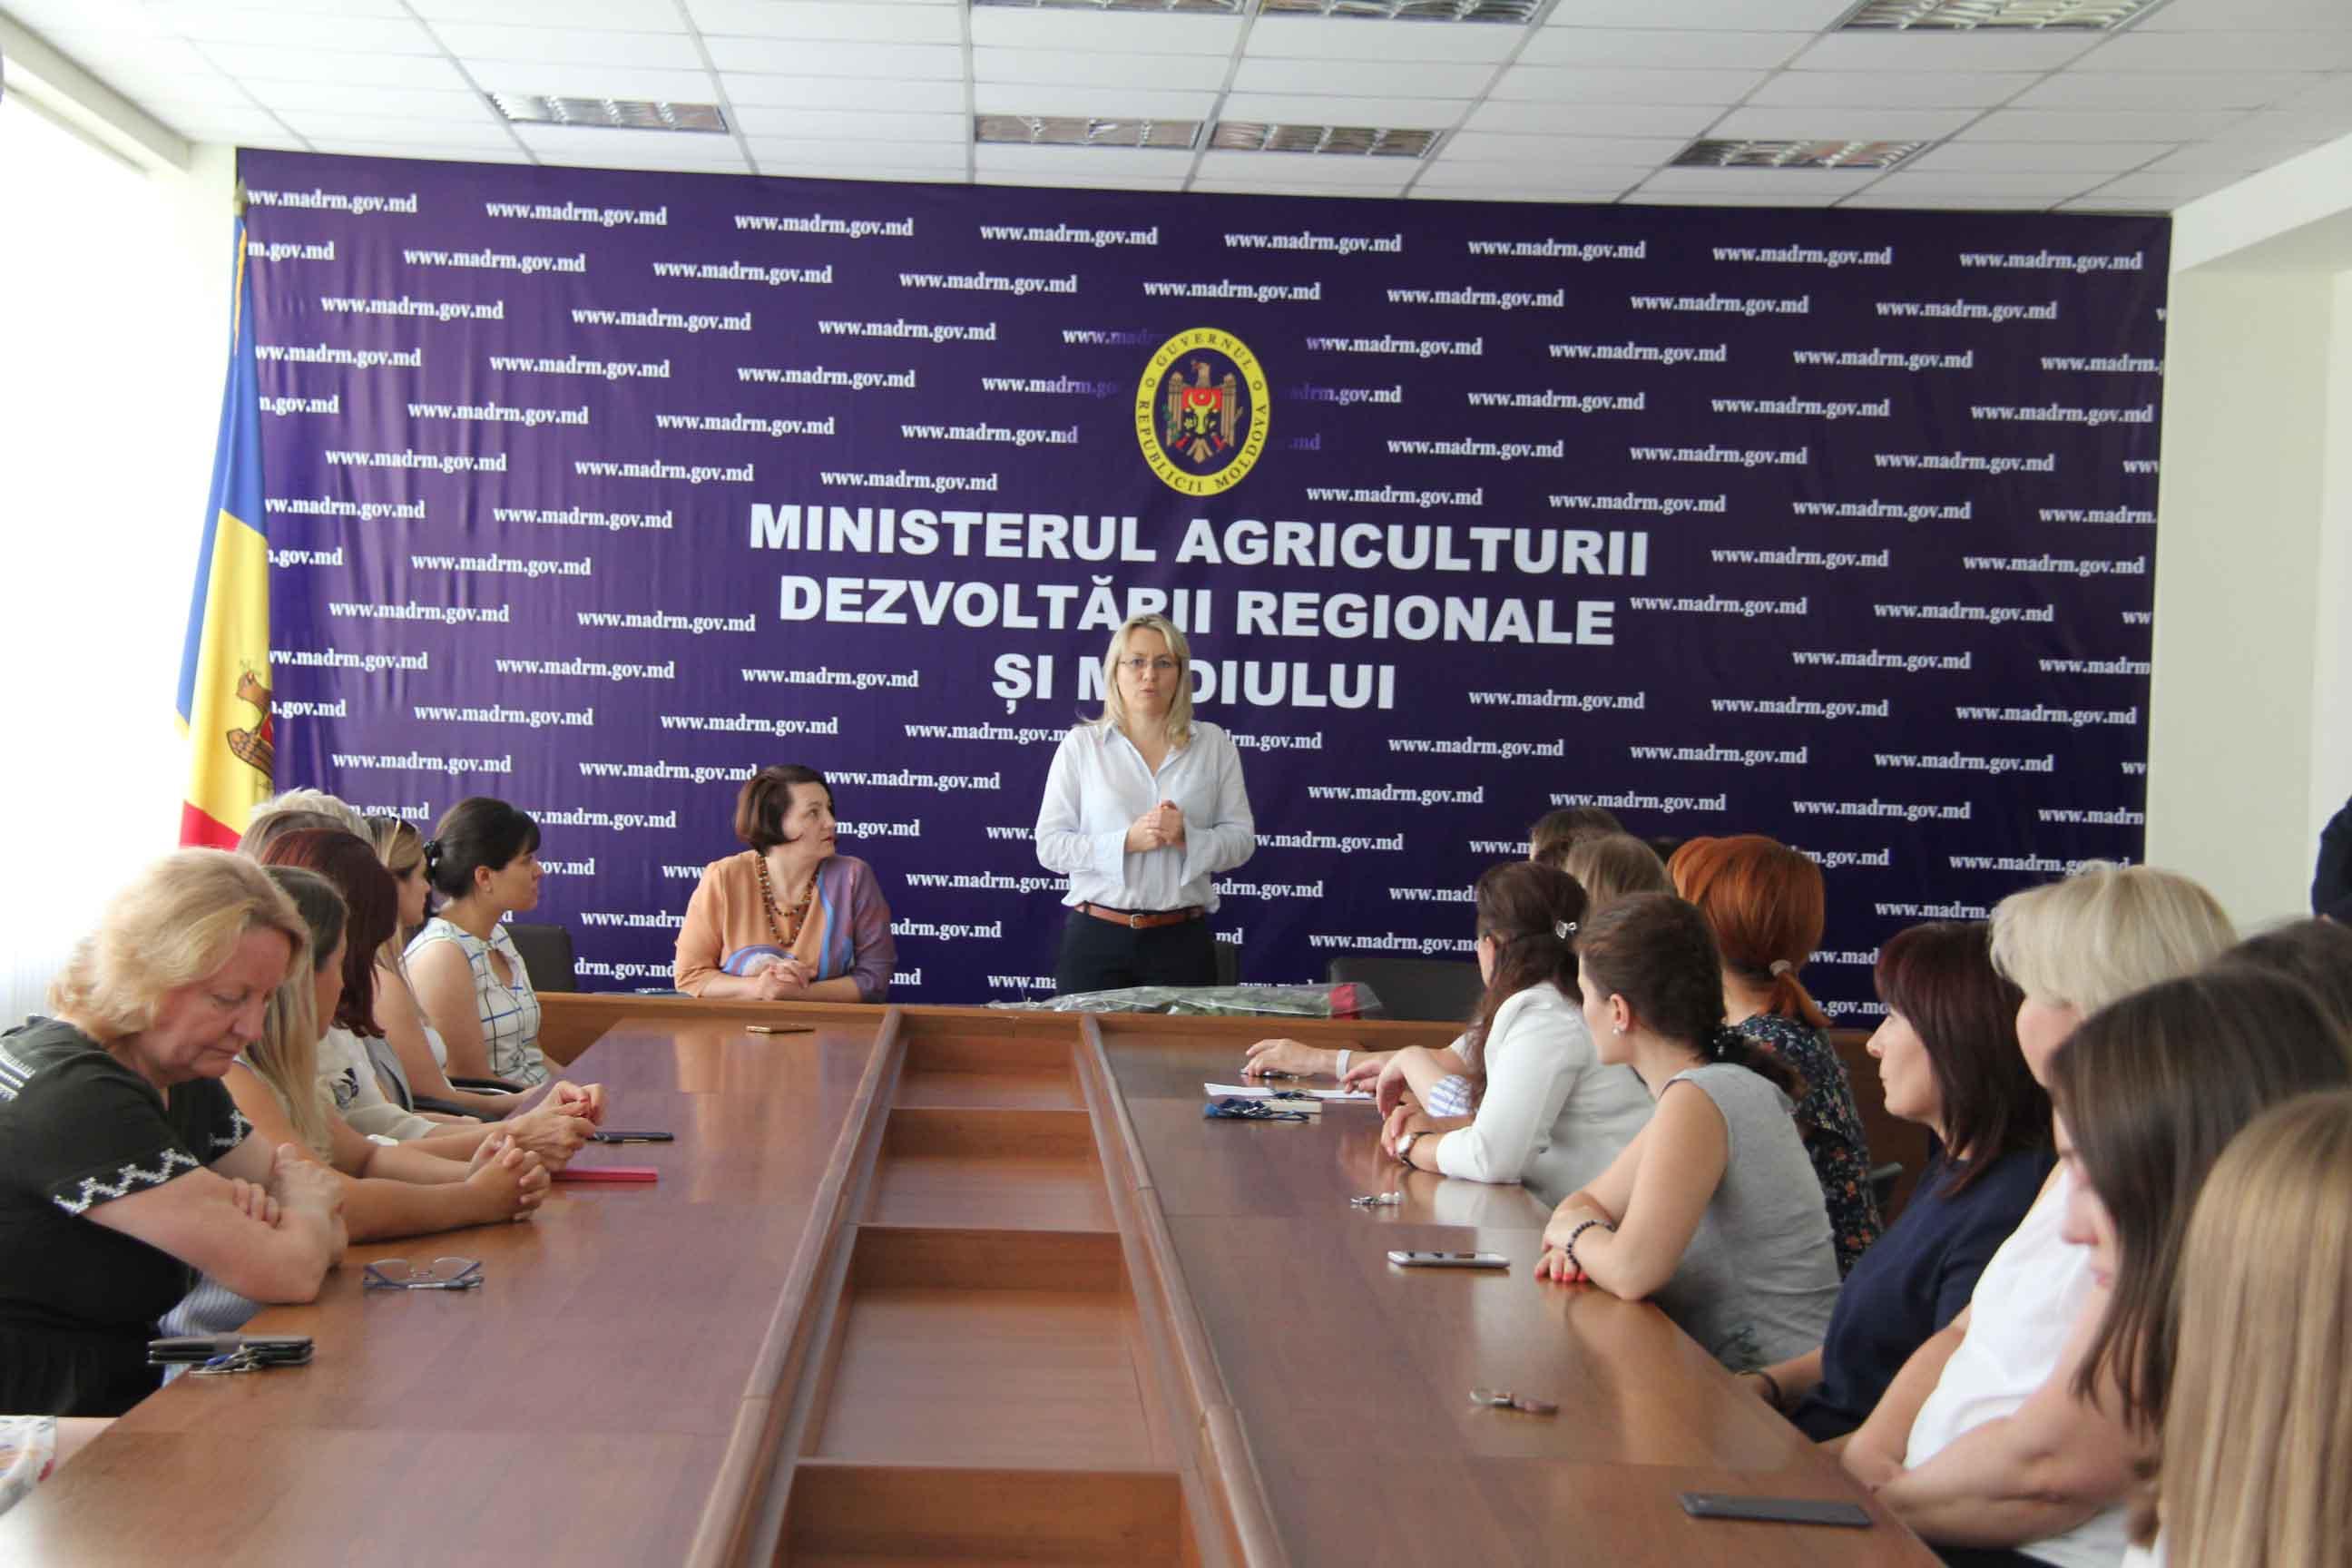 Iuliana Cantaragiu, secretar de stat la Ministerul Agriculturii, Dezvoltării Regionale și Mediului